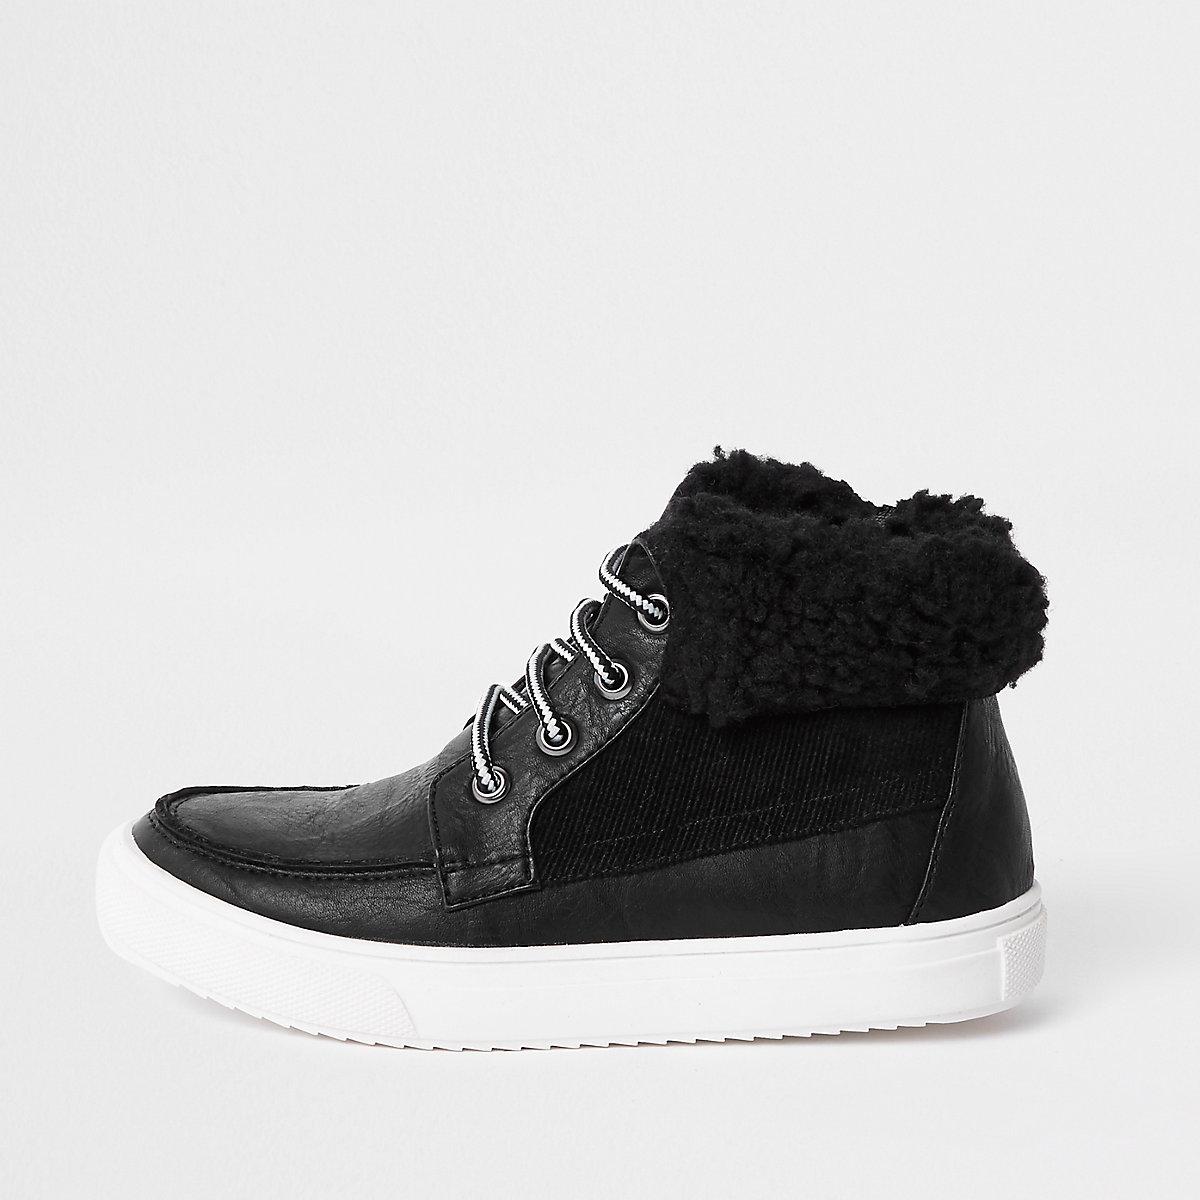 Bottes noires à bordure imitation peau de mouton pour garçon